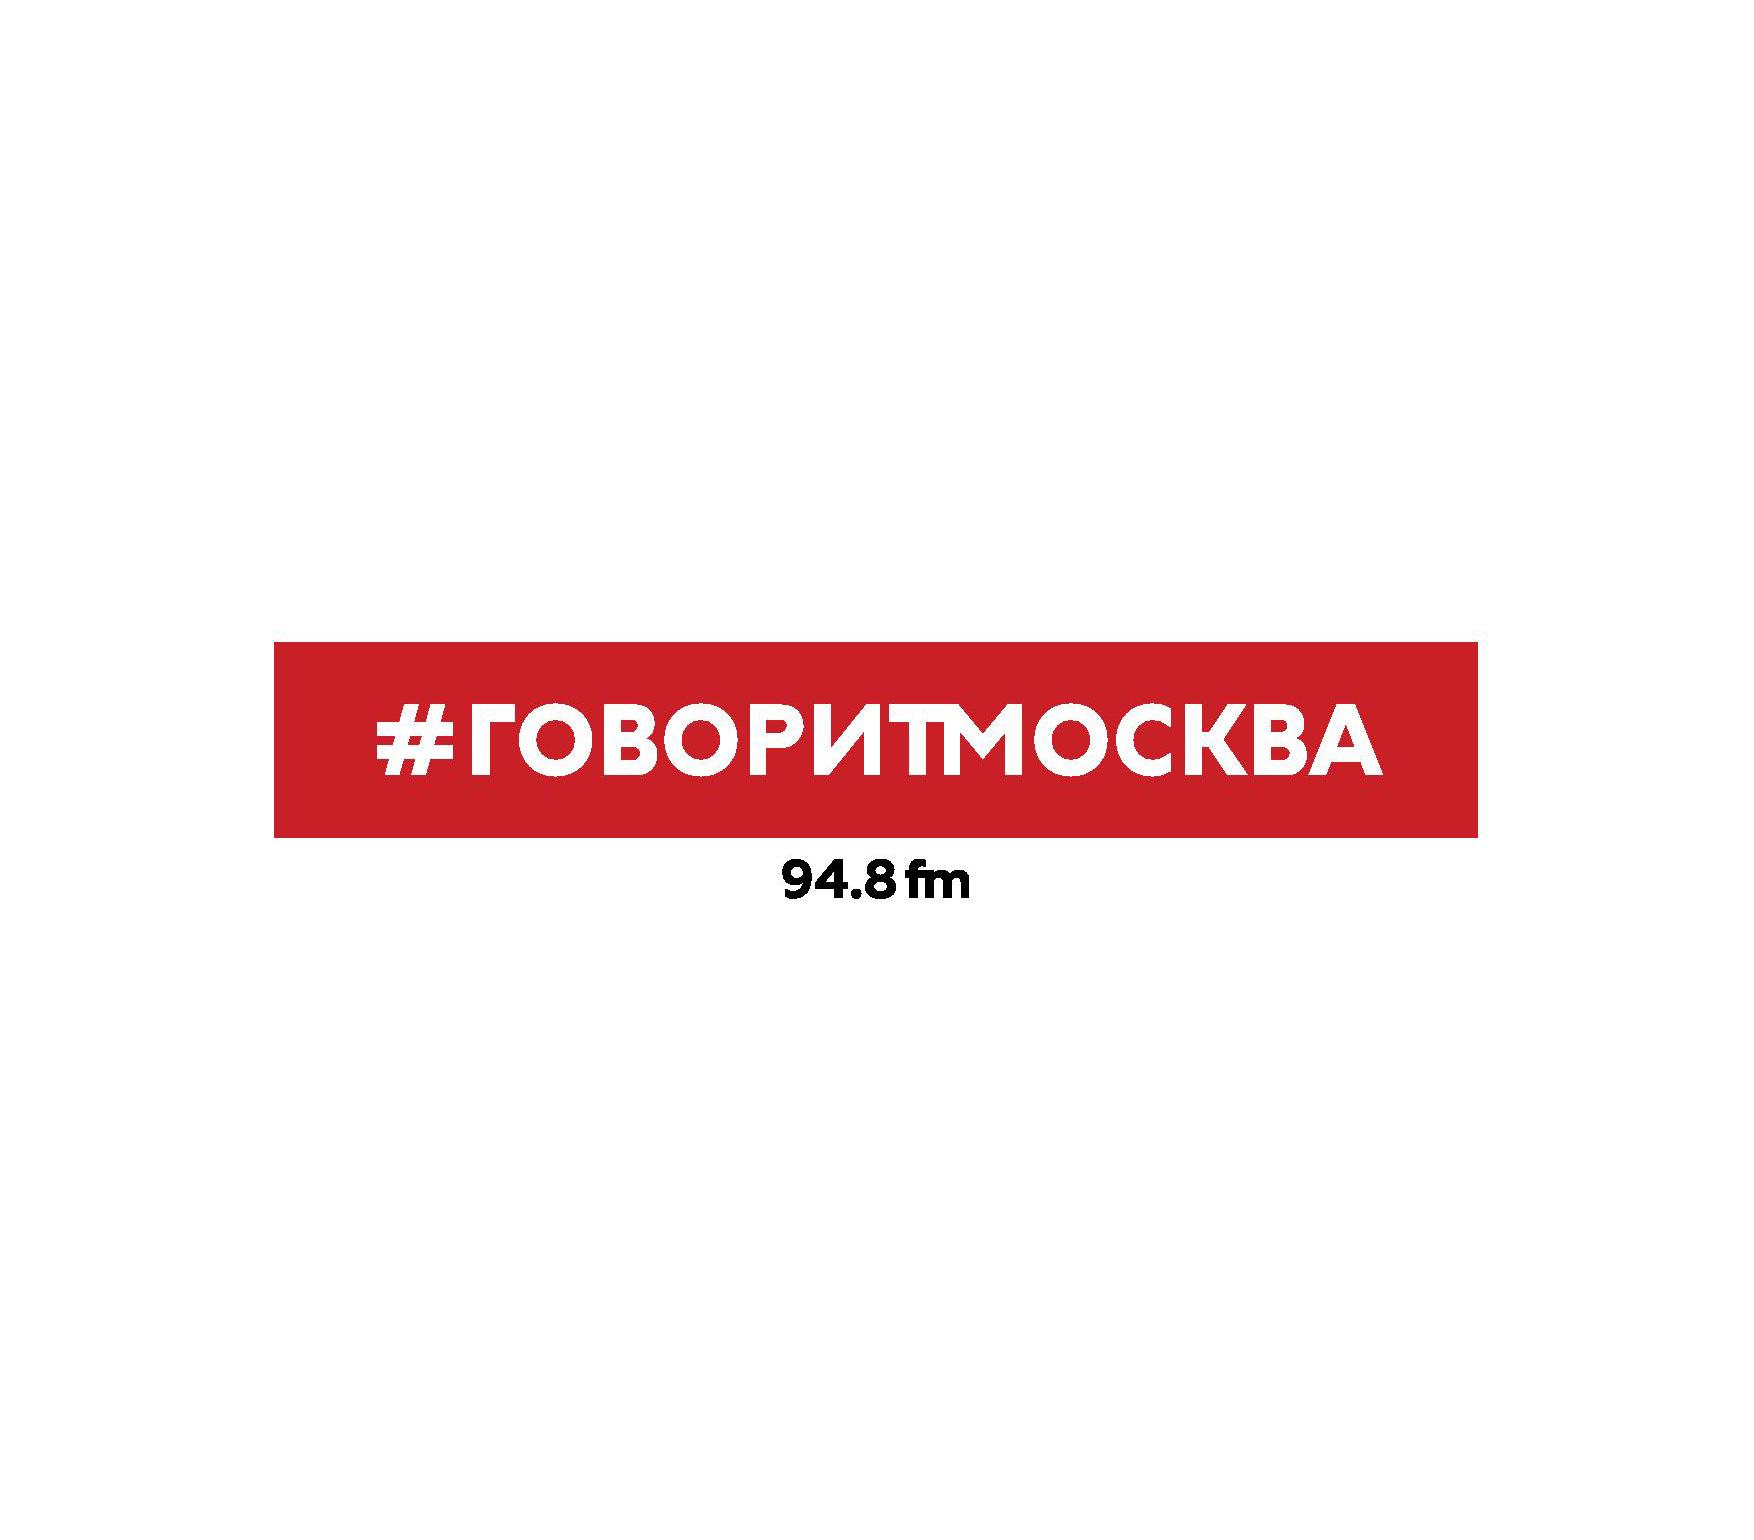 Макс Челноков 22 марта. Сергей Бабурин макс челноков 23 марта авигдор эскин